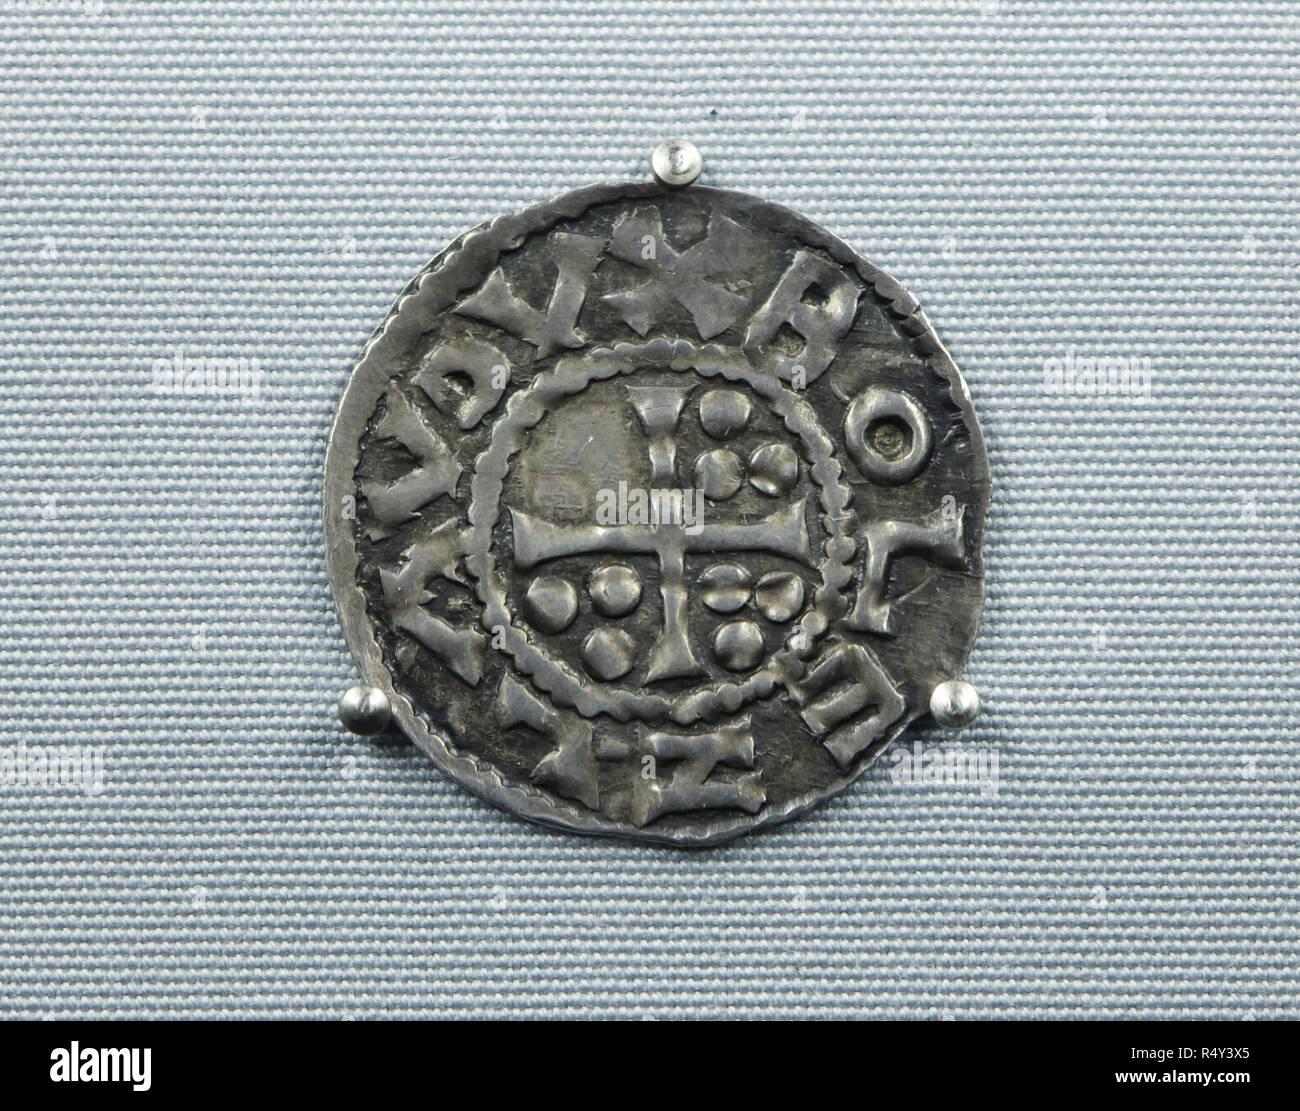 La plus ancienne pièce de monnaie tchèque en date du 10e siècle sur l'affichage à l'anniversaire d'exposition dans le Musée National (Národní muzeum) à Prague, République tchèque. La pièce d'argent de Bohême médiévale (denier) frappées à Prague sous le règne du Duc Boleslas I le cruel avant de 966 est considéré comme la plus ancienne pièce de monnaie frappées en territoire qui est maintenant la République tchèque. Une croix avec neuf adore est représenté dans le coin avec une inscription autour de 'BOLEZLAV DVX' ('Duke Boleslas'). L'exposition consacrée à l'occasion du 200e anniversaire du Musée national présente 200 des plus importants points de Photo Stock